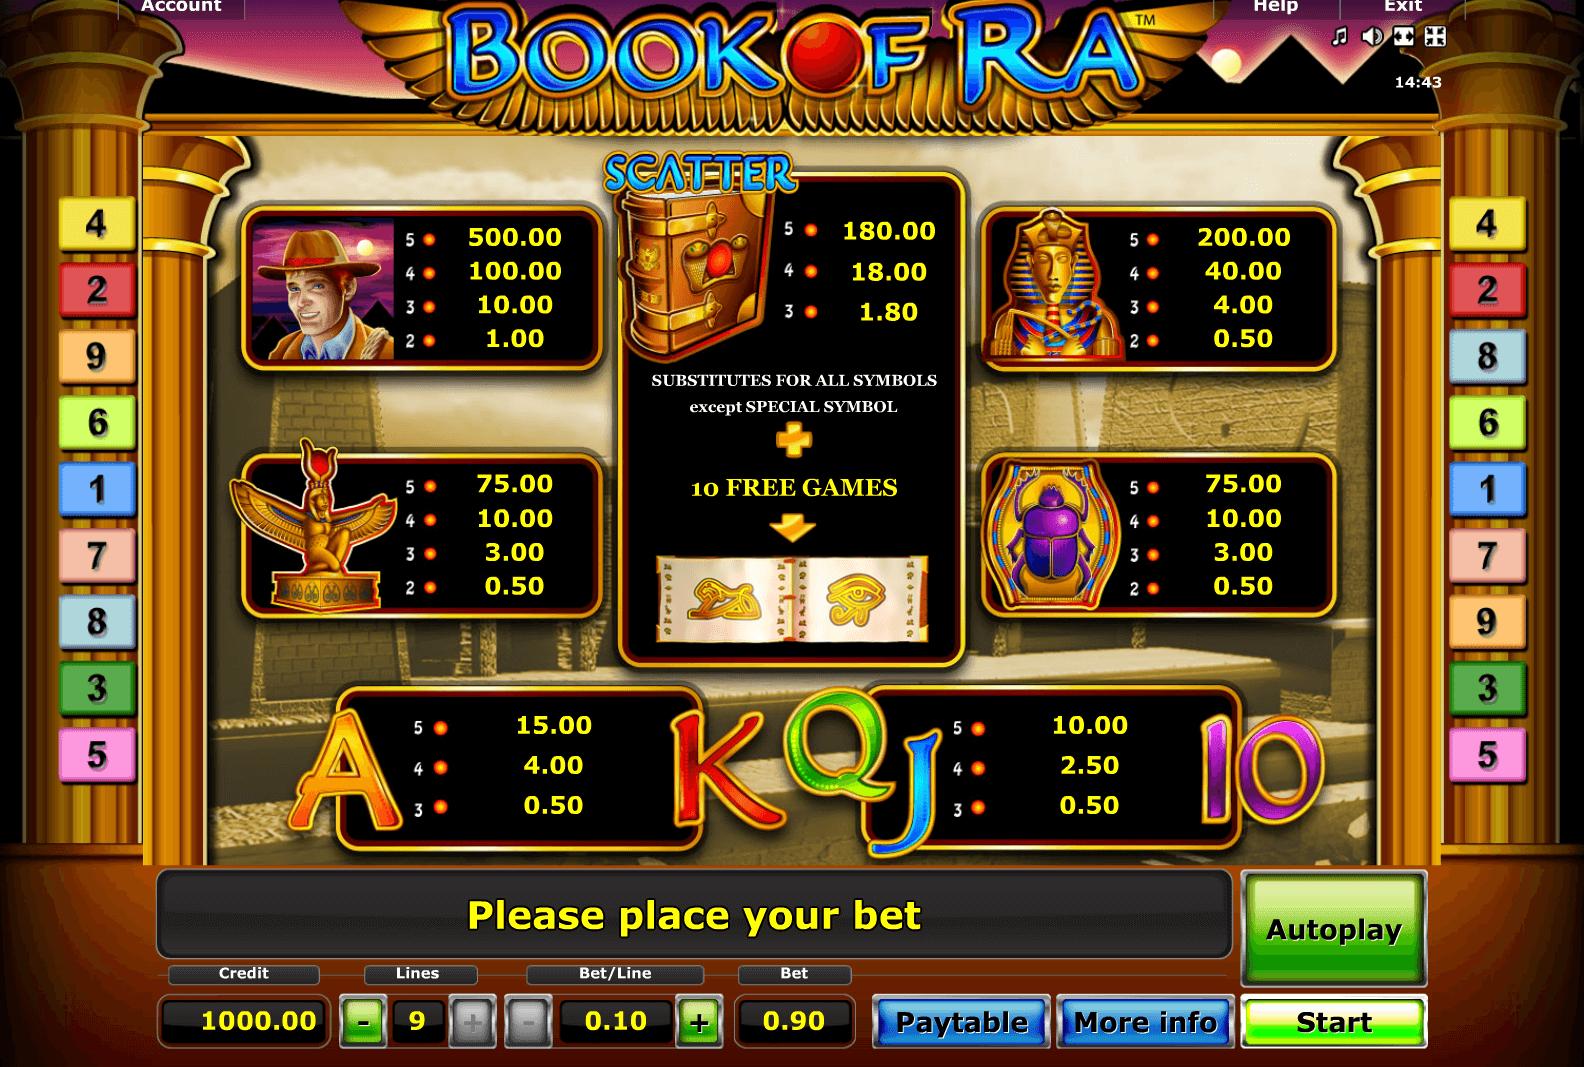 автоматы играть бесплатно книги регистрации без игровые онлайн